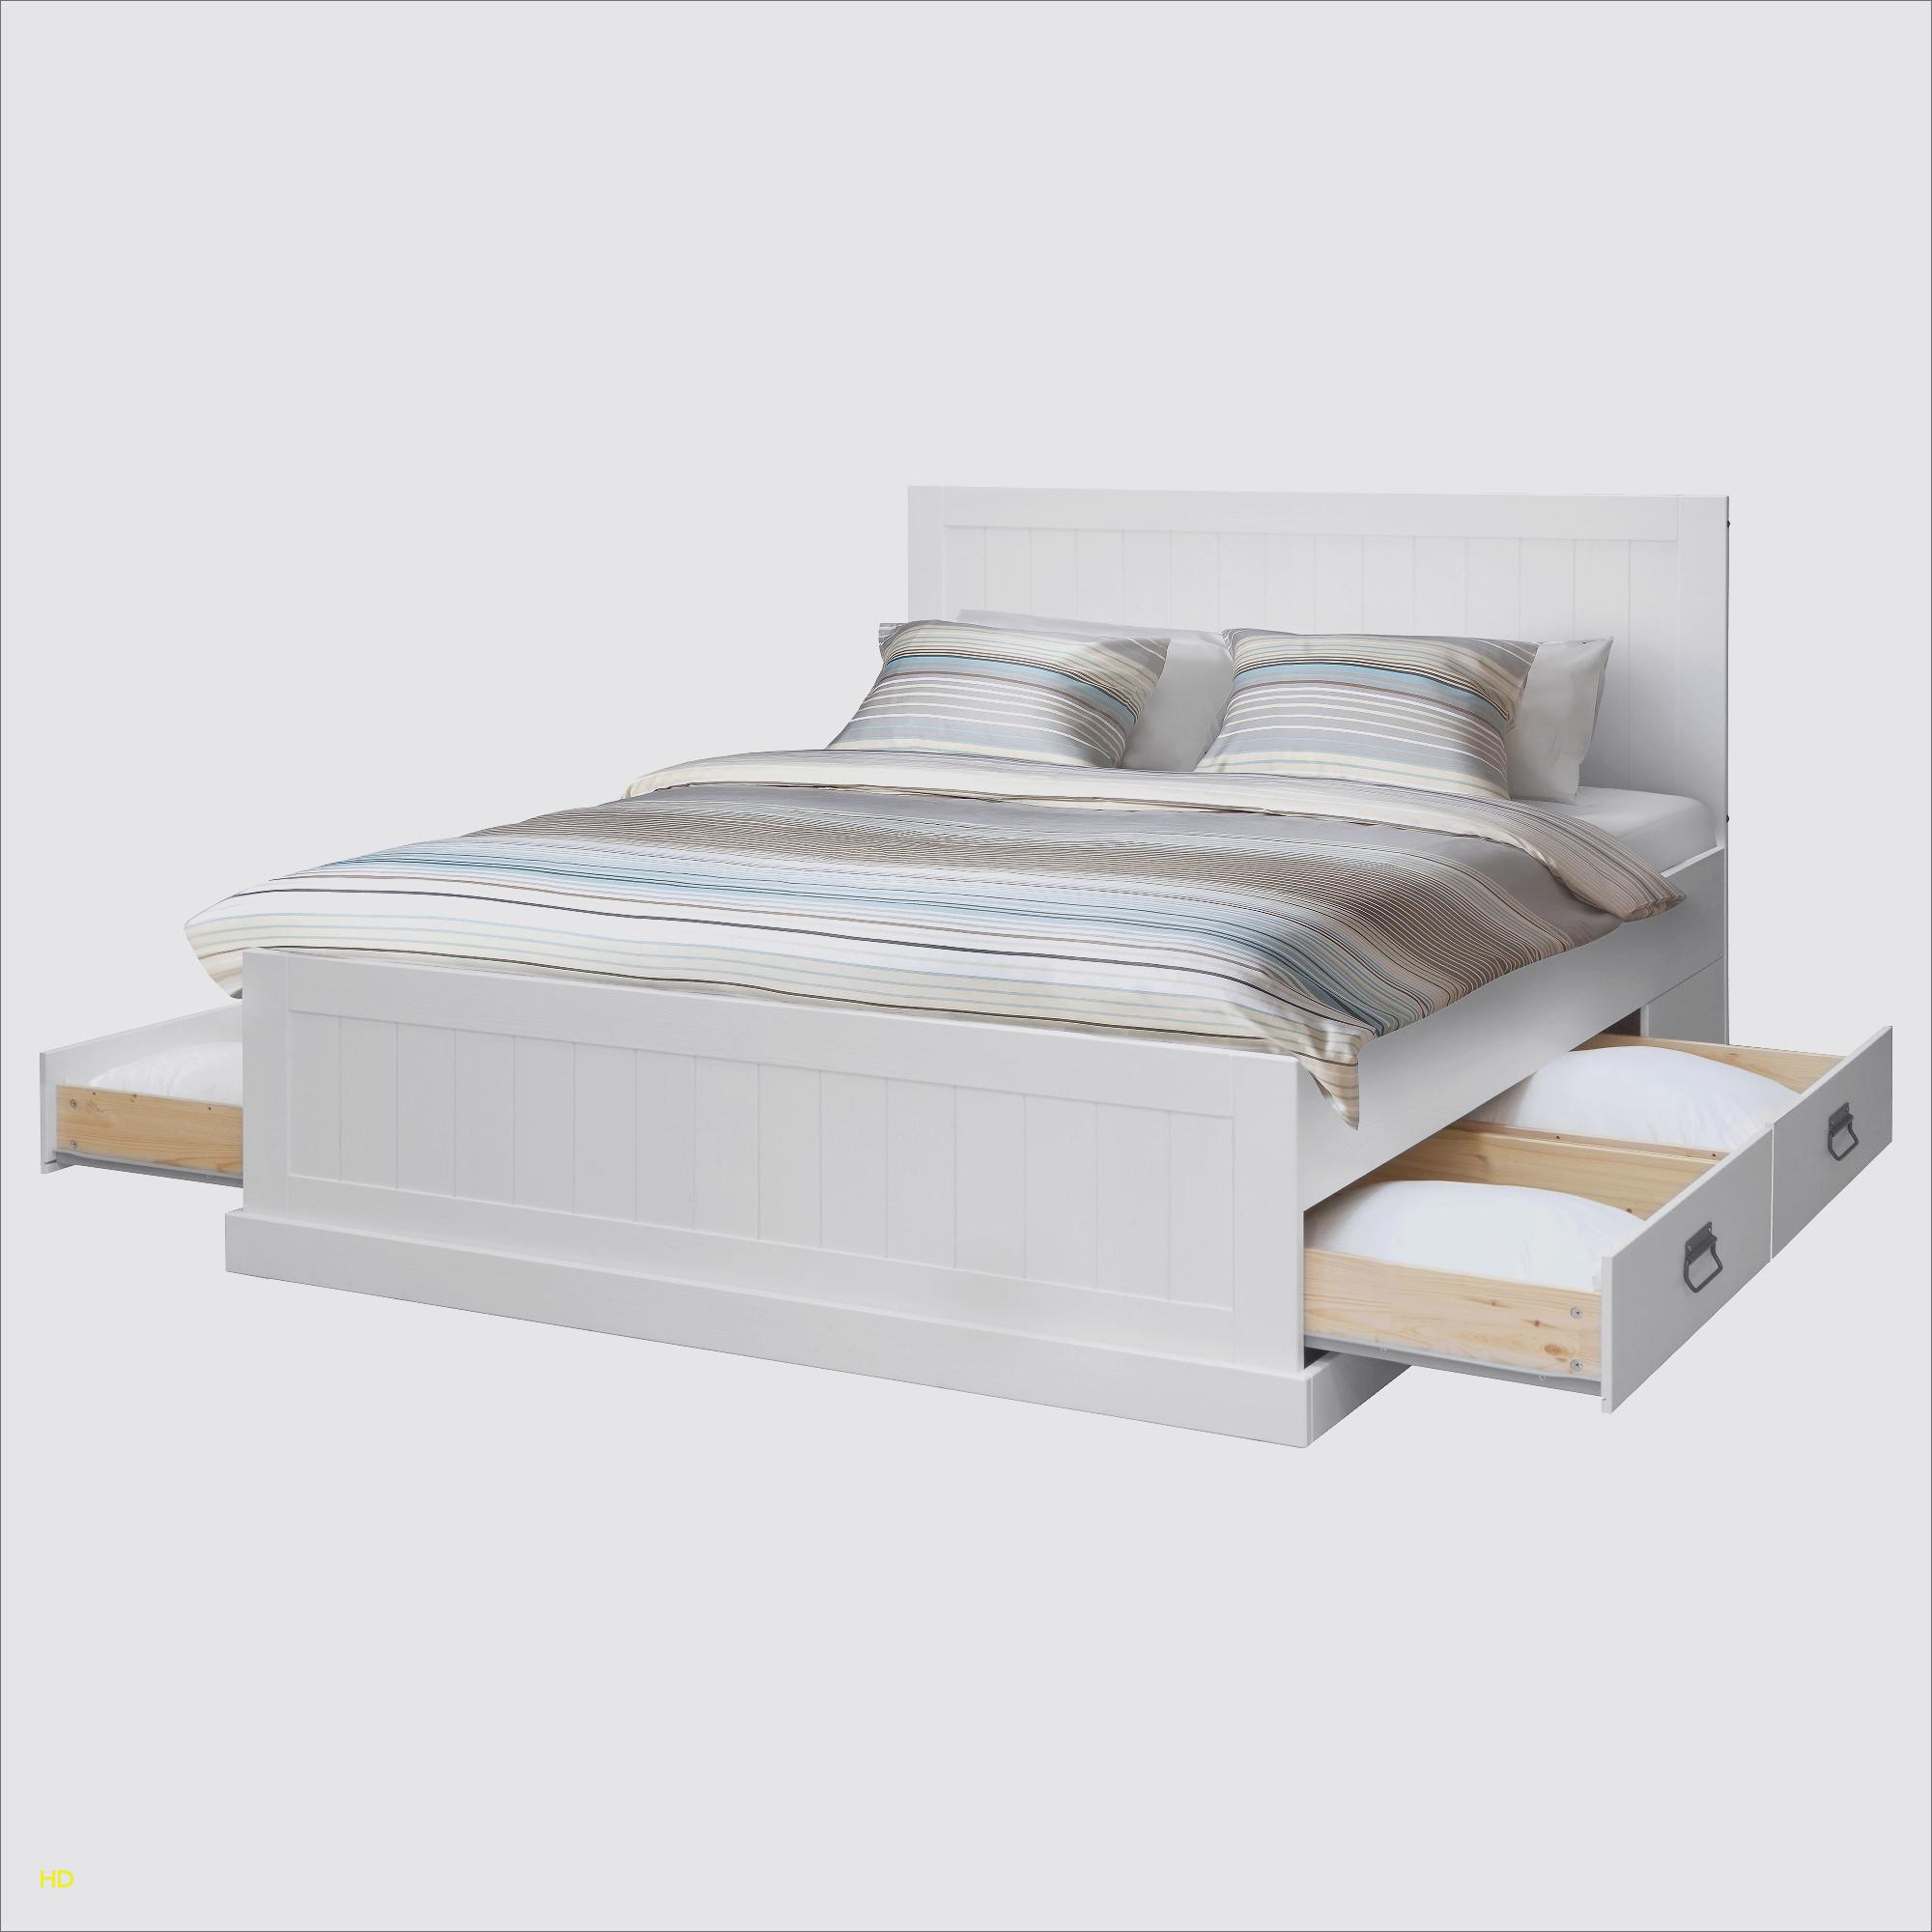 Full Size of Ikea Pappbett Sofa Mit Schlaffunktion Modulküche Betten Bei Küche Kosten 160x200 Miniküche Kaufen Wohnzimmer Pappbett Ikea